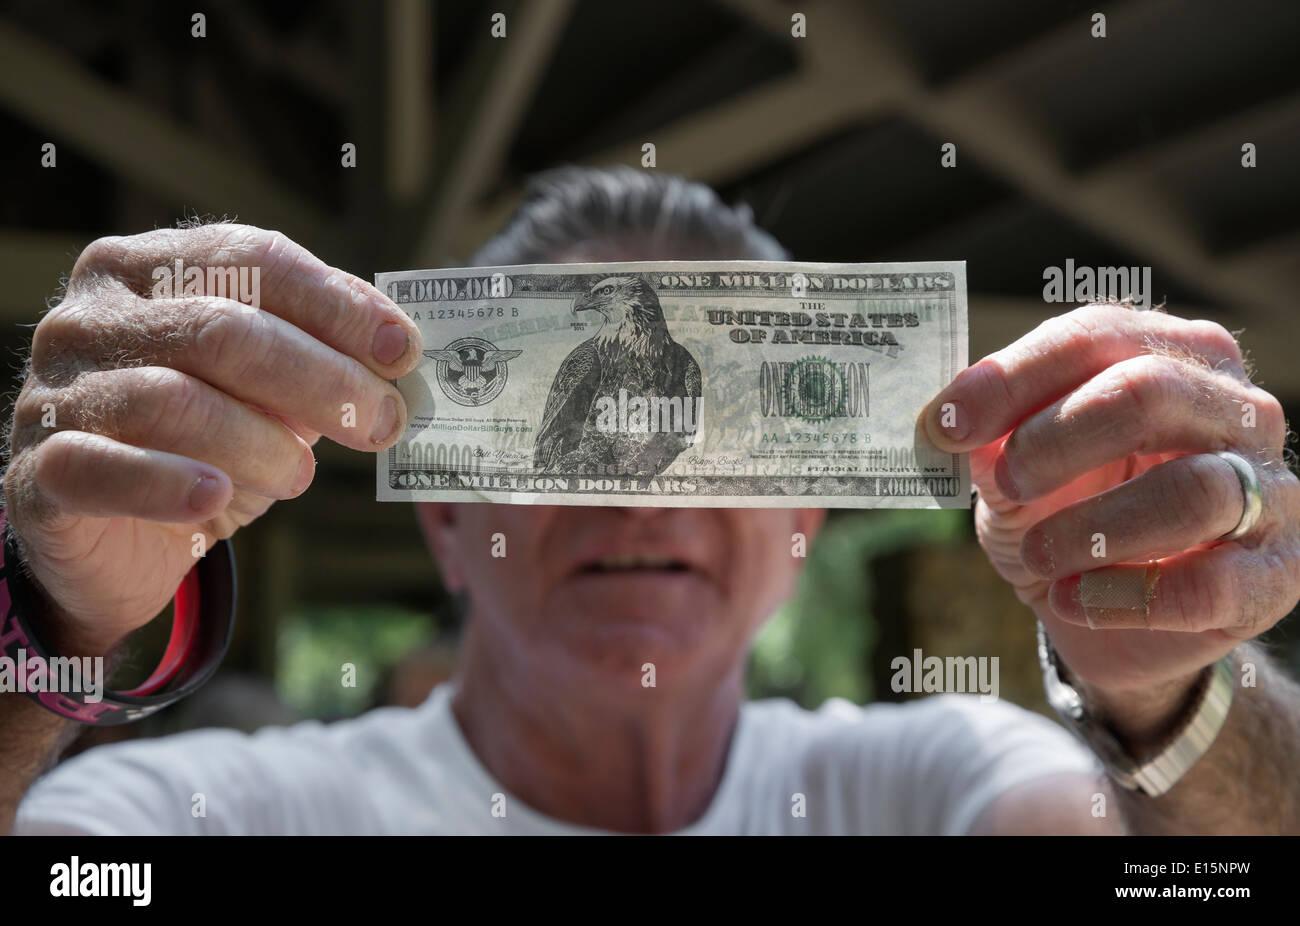 L'homme est titulaire d'un faux million dollar bill. Banque D'Images